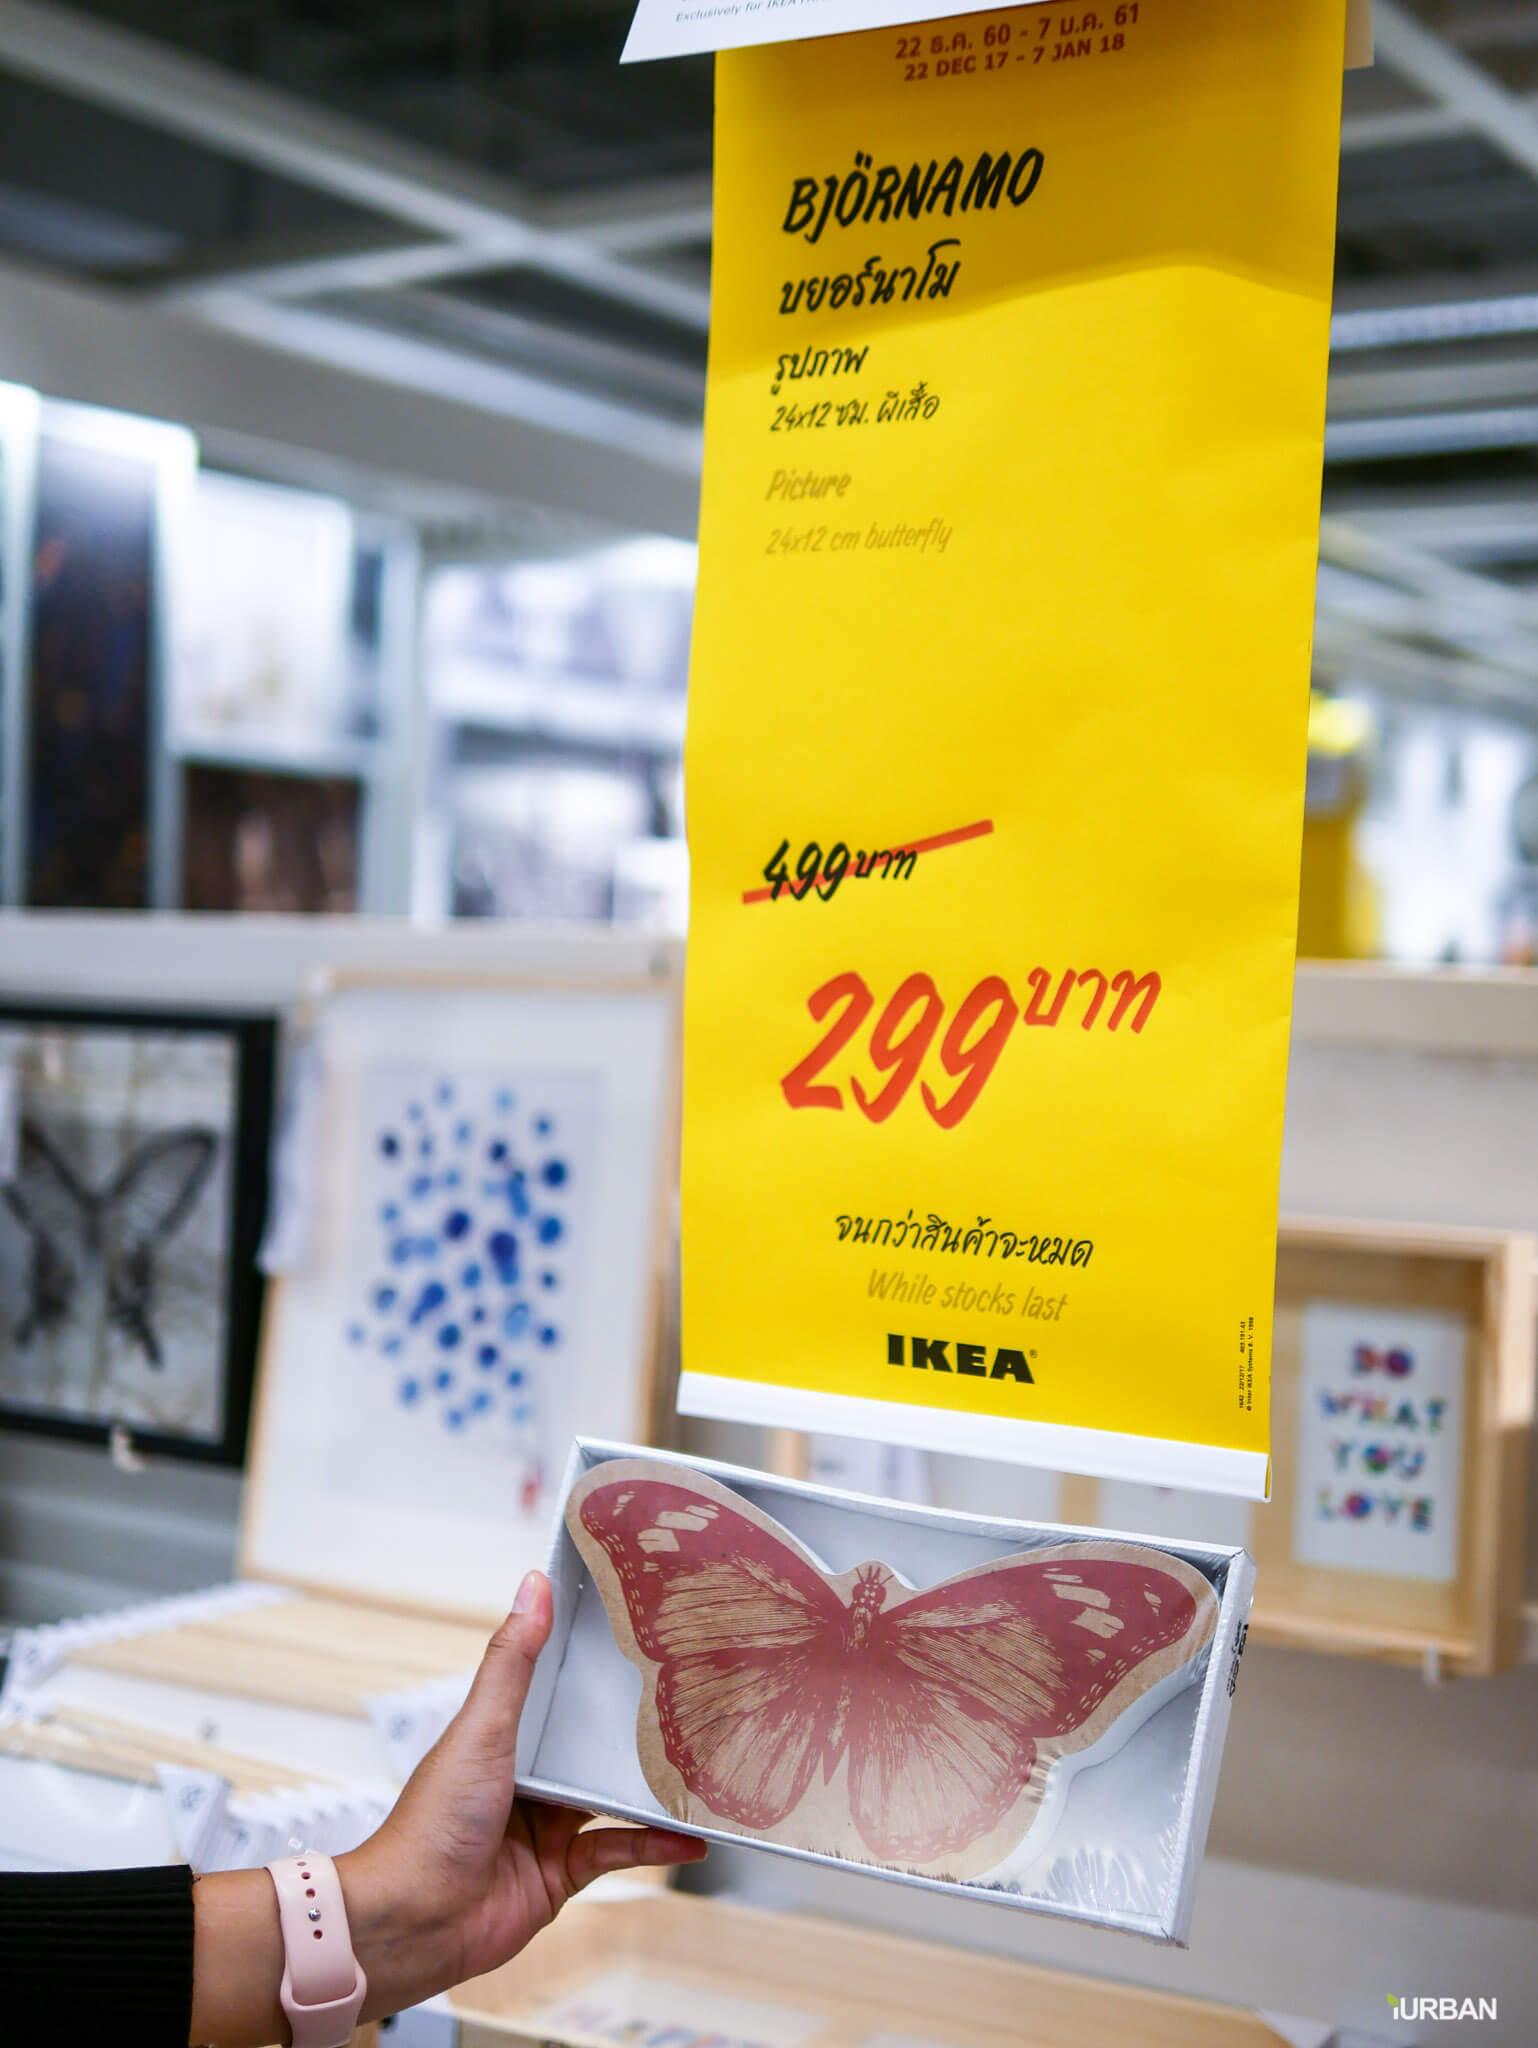 มันเยอะมากกกก!! IKEA Year End SALE 2017 รวมของเซลในอิเกีย ลดเยอะ ลดแหลก รีบพุ่งตัวไป วันนี้ - 7 มกราคม 61 205 - IKEA (อิเกีย)